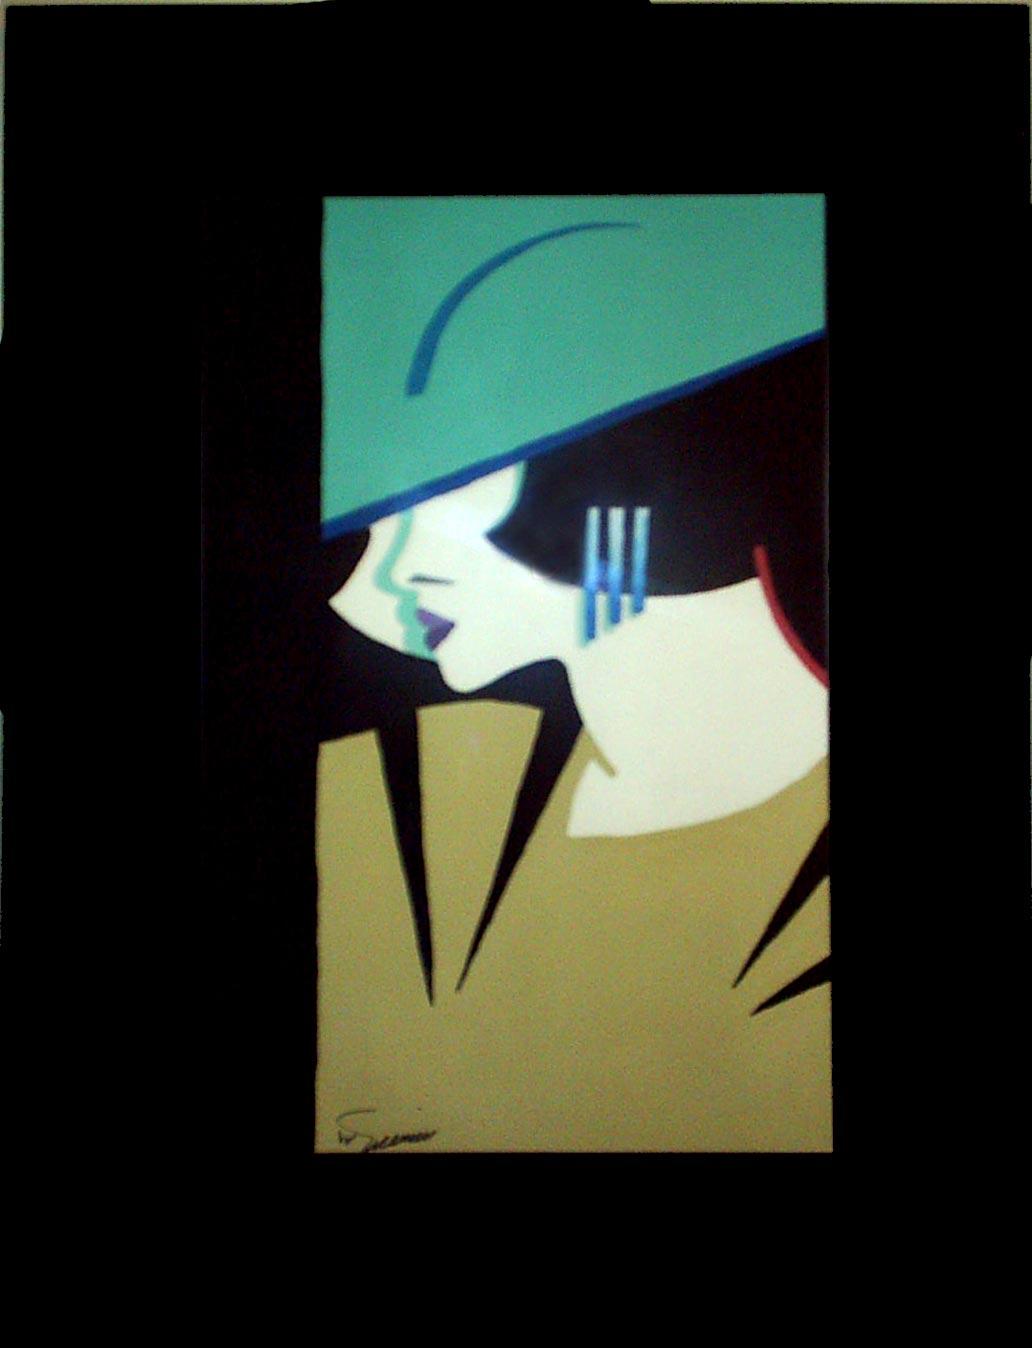 آثار نقاشی گواش روی کاغذ - شماره 2